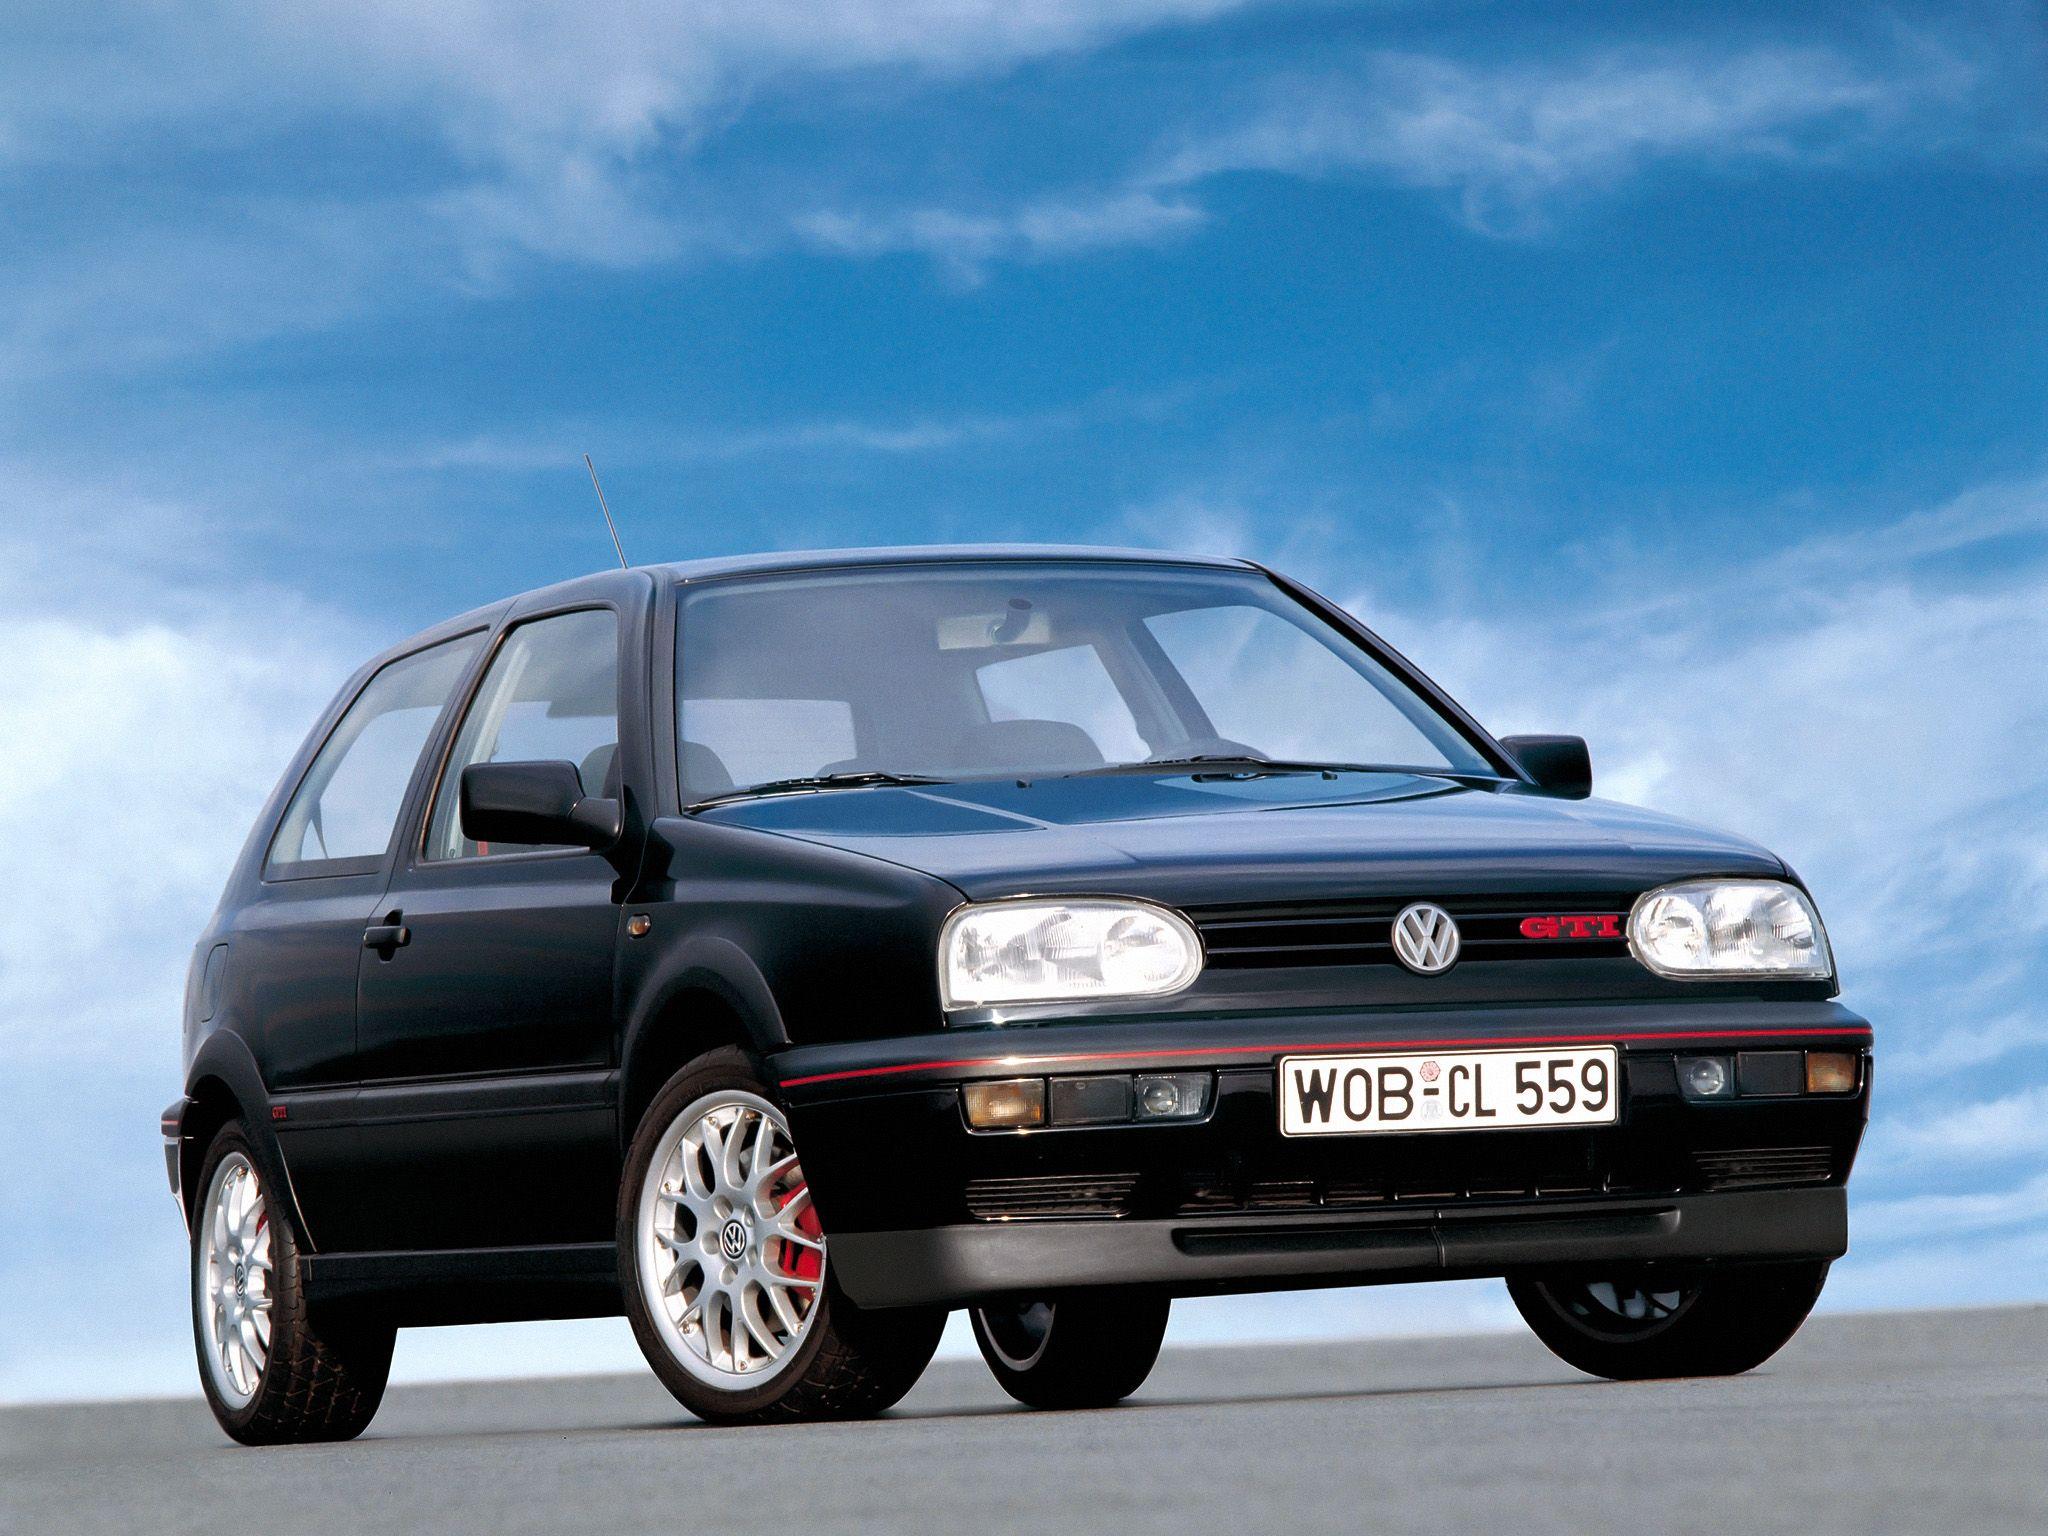 Volkswagen Golf Gti 20 Jahre Typ 1h 1996 Volkswagen Golf Gti Volkswagen Golf Gti